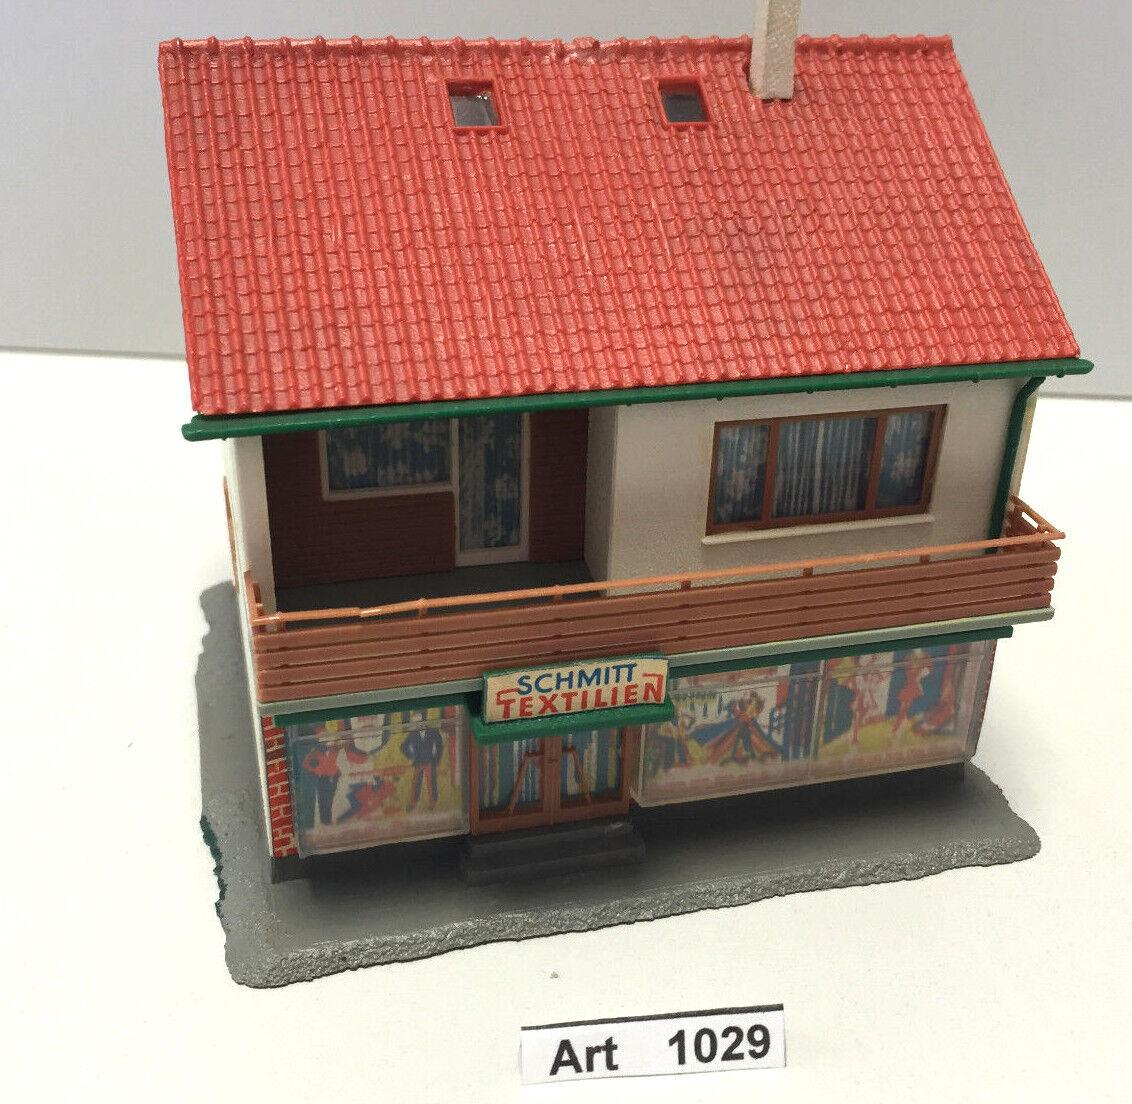 Kibri 8072 h0 two-family house with shop, pre-glued, 1 87, Very Rare & Rare